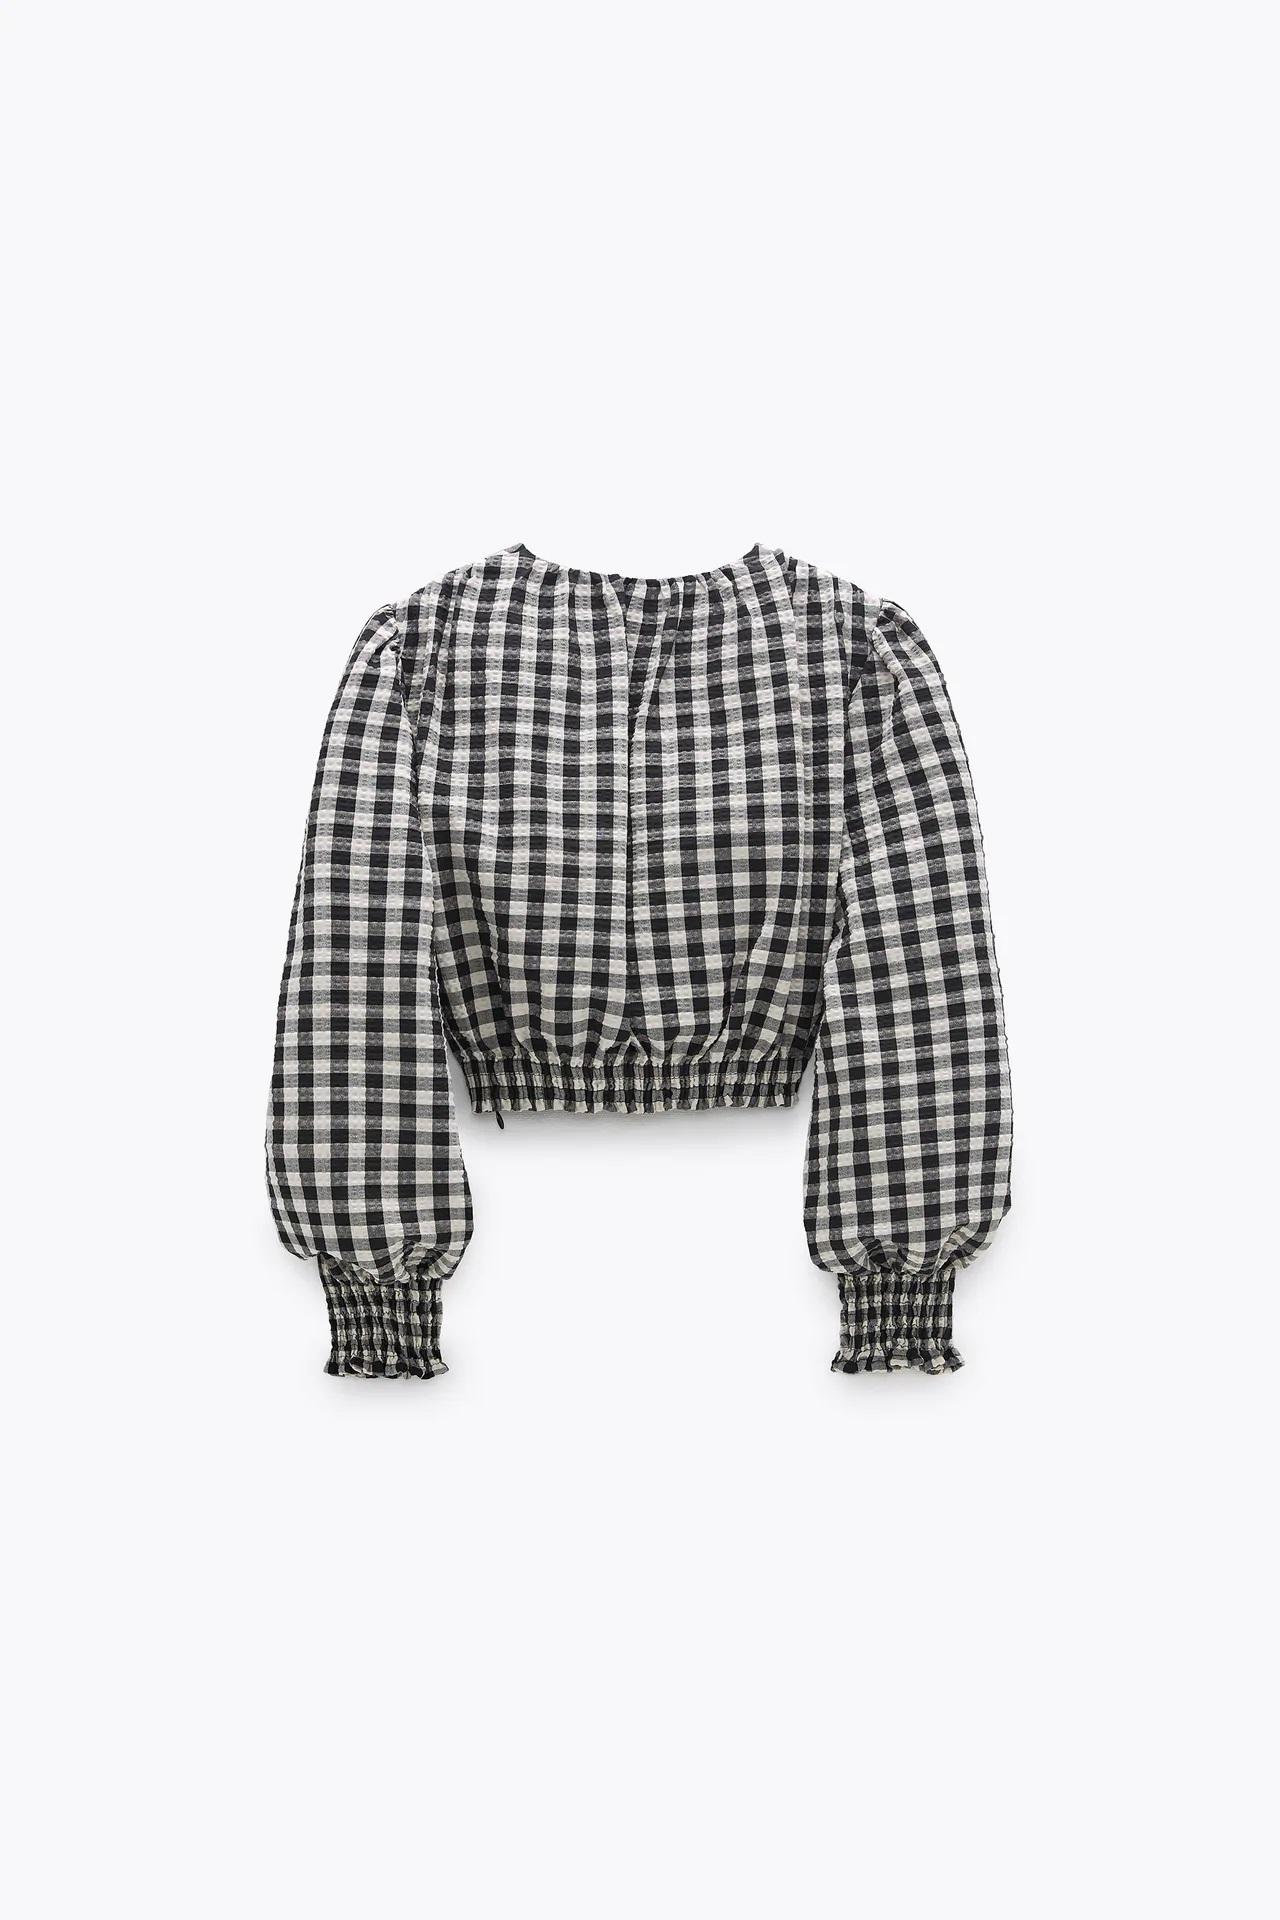 Amelia Bono se apunta a la moda de los cuadros Vichy con esta blusa de Zara